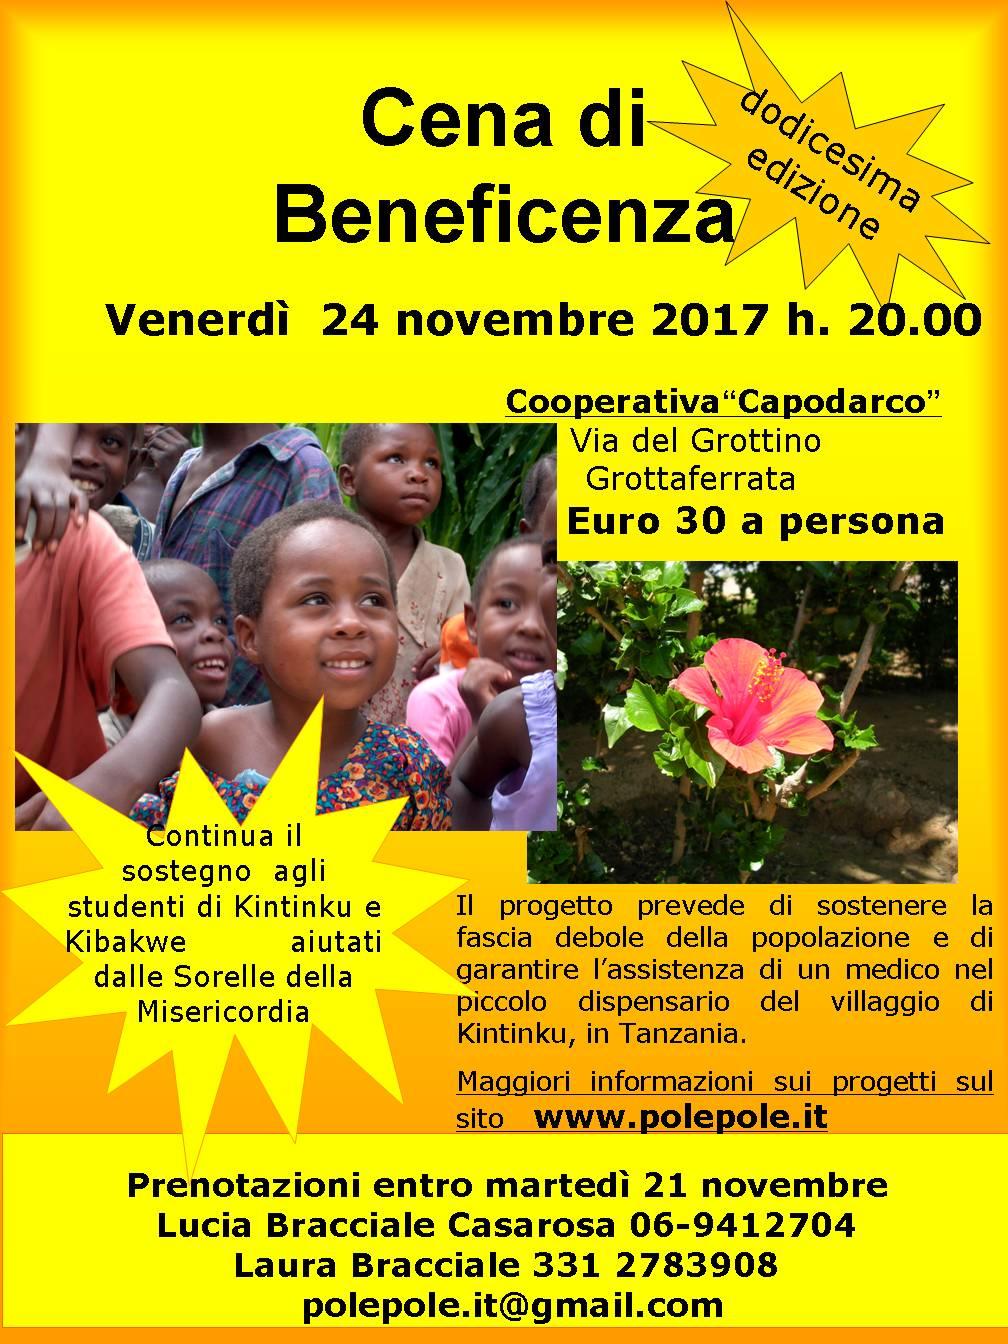 Cena di Beneficenza2017